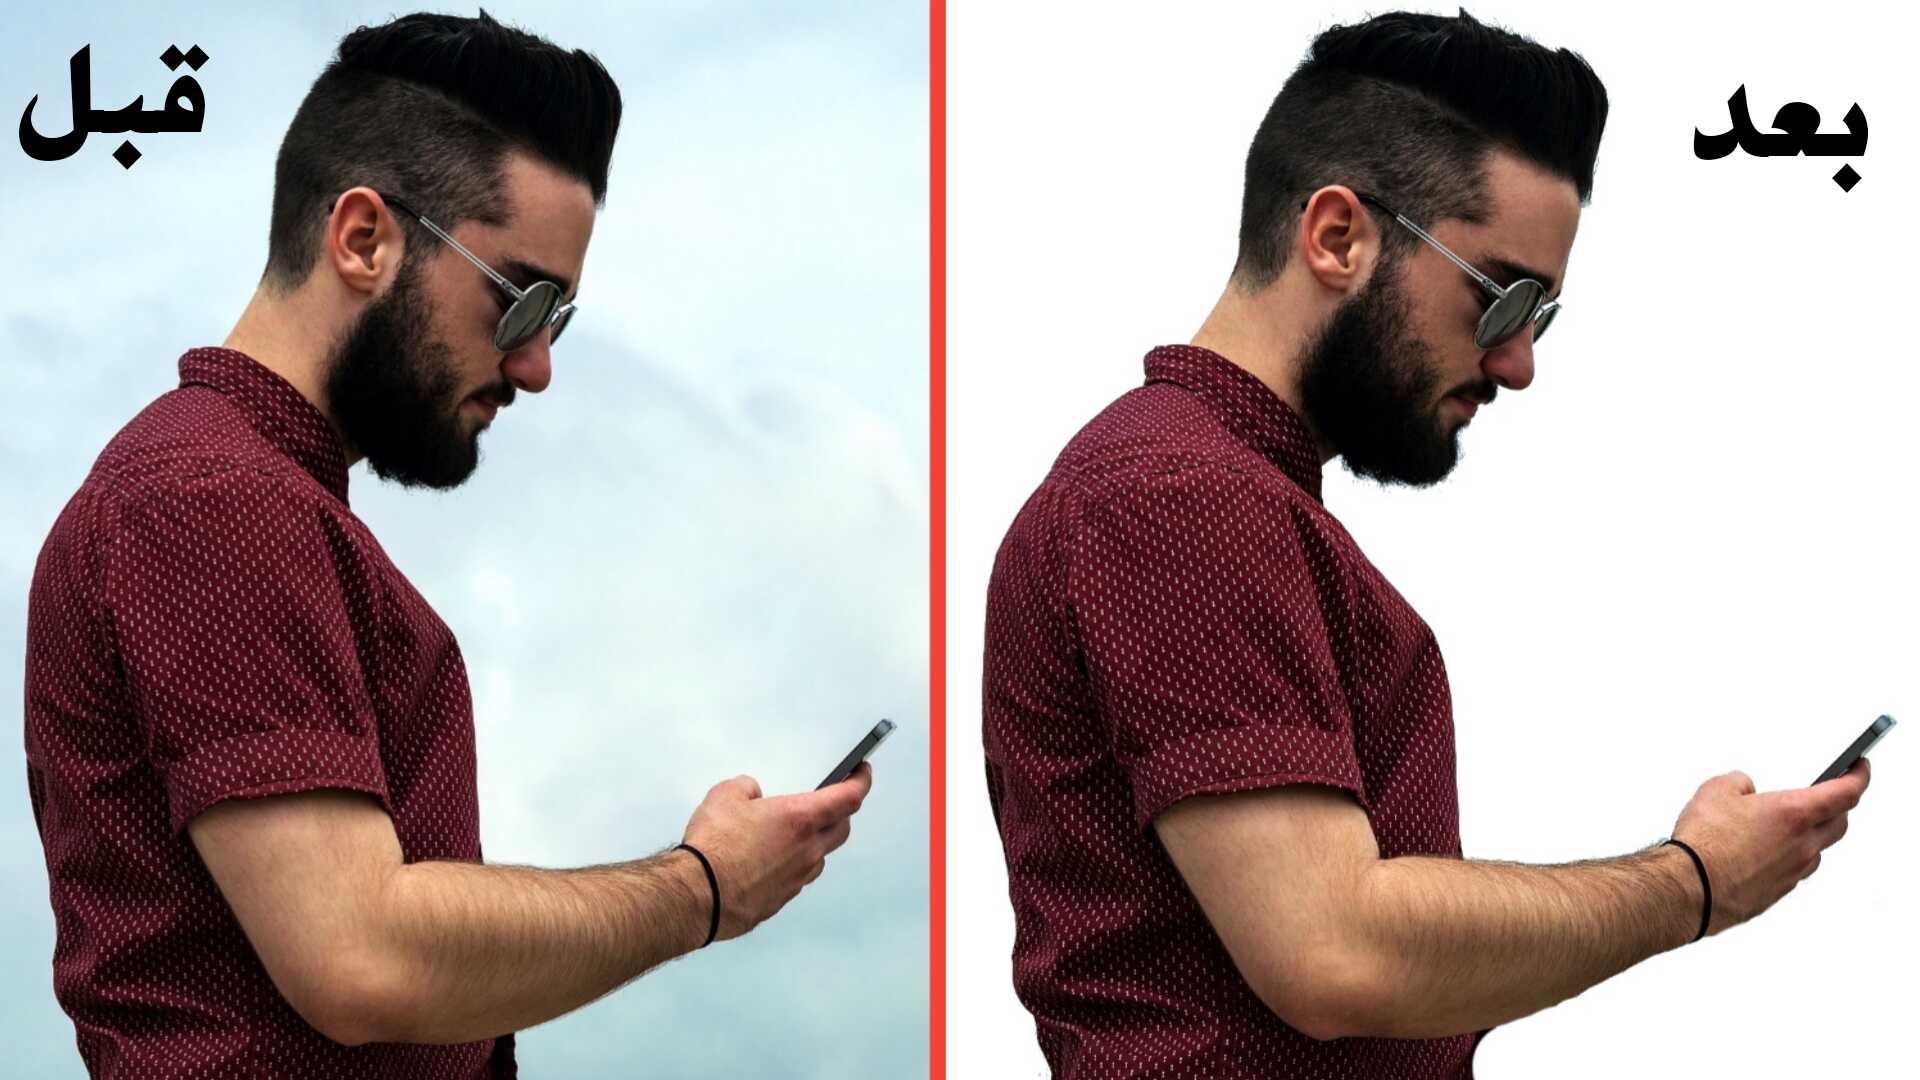 برنامج تفريغ الصور للايفون مجاني تغير وأزلة خلفية الصورة